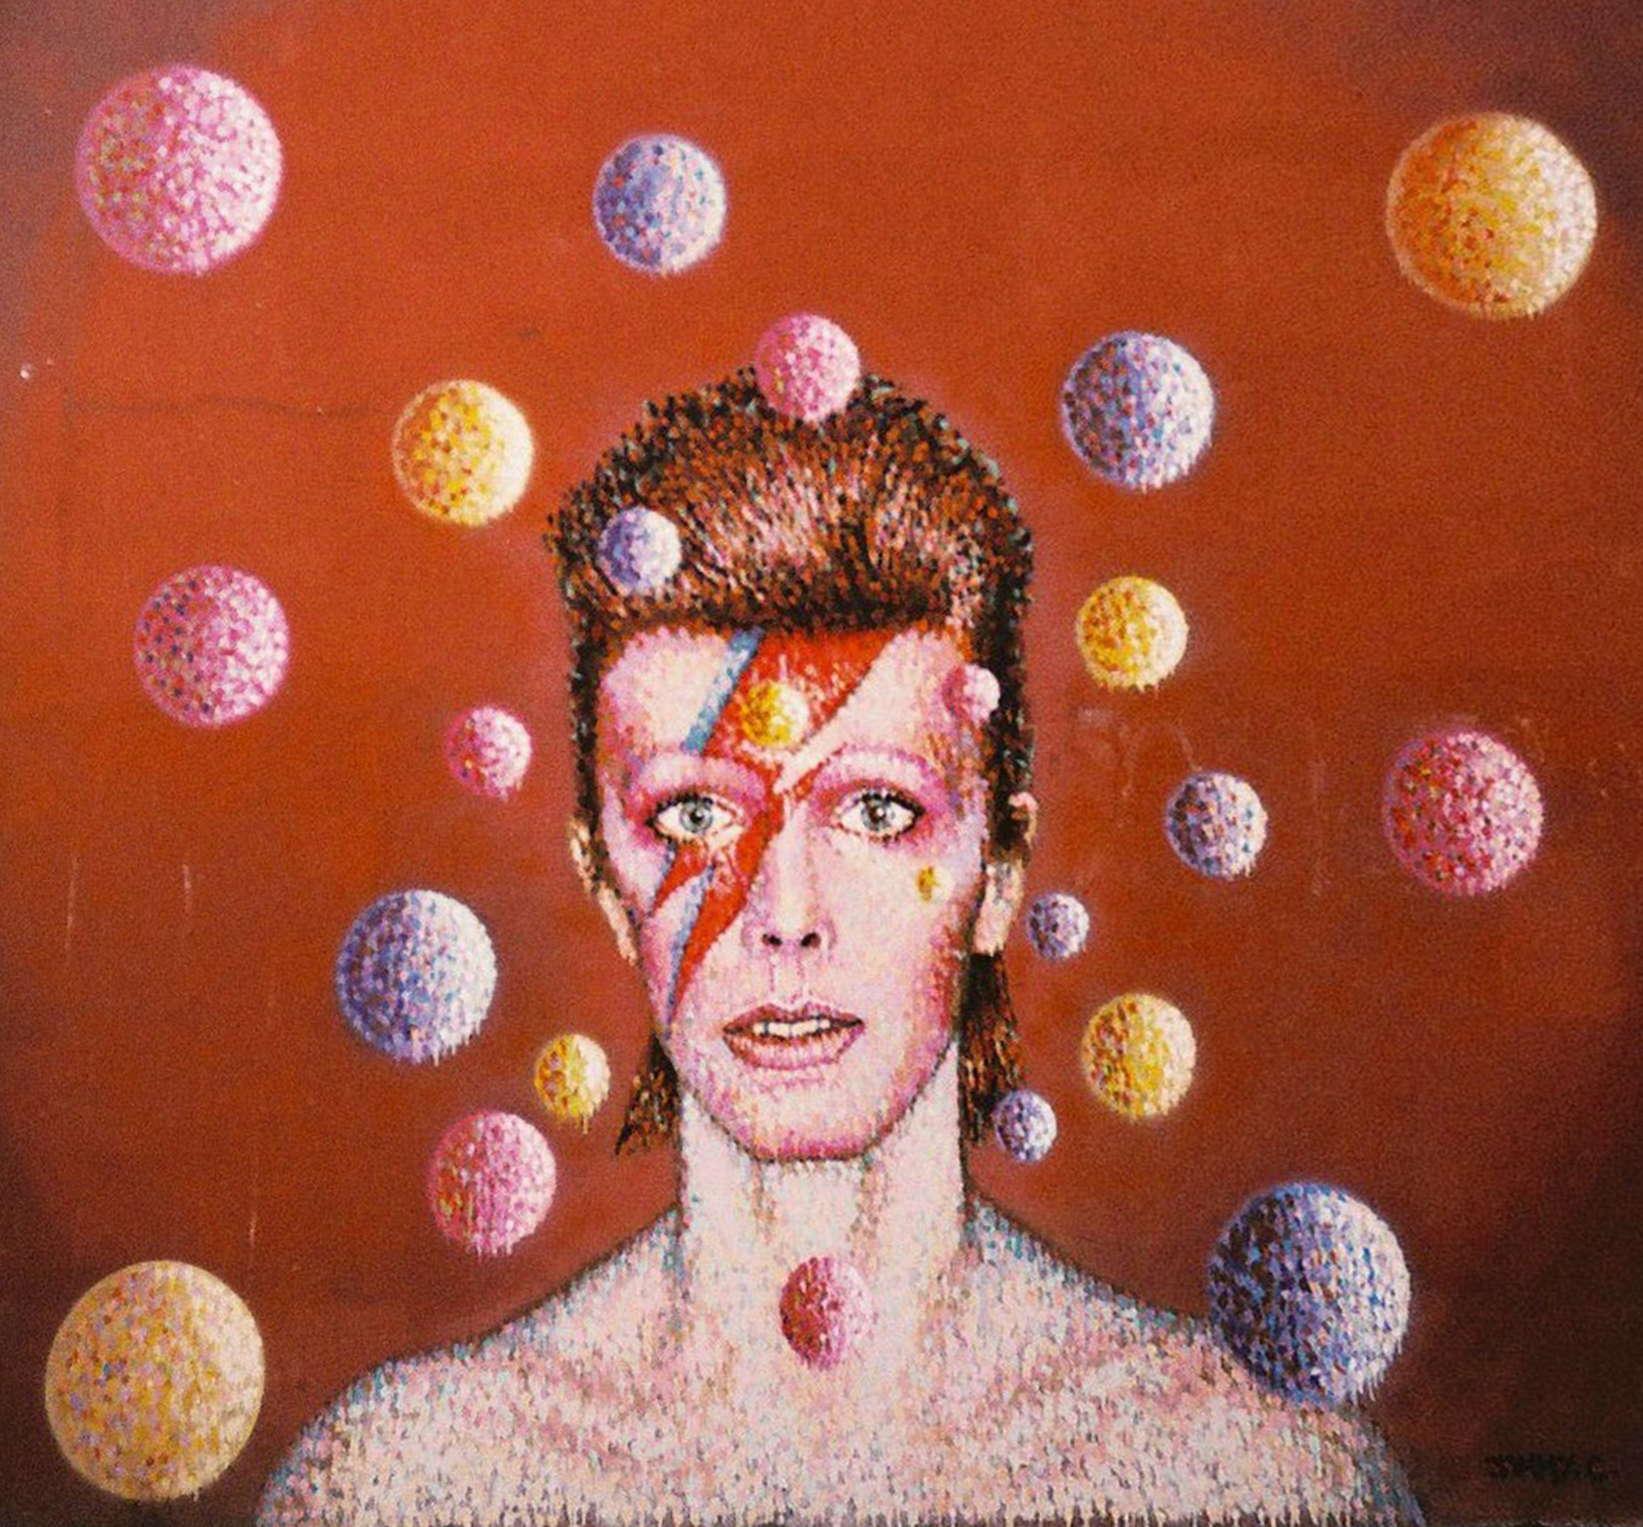 David Bowie sul manifesto del Torino Film Festival 2016